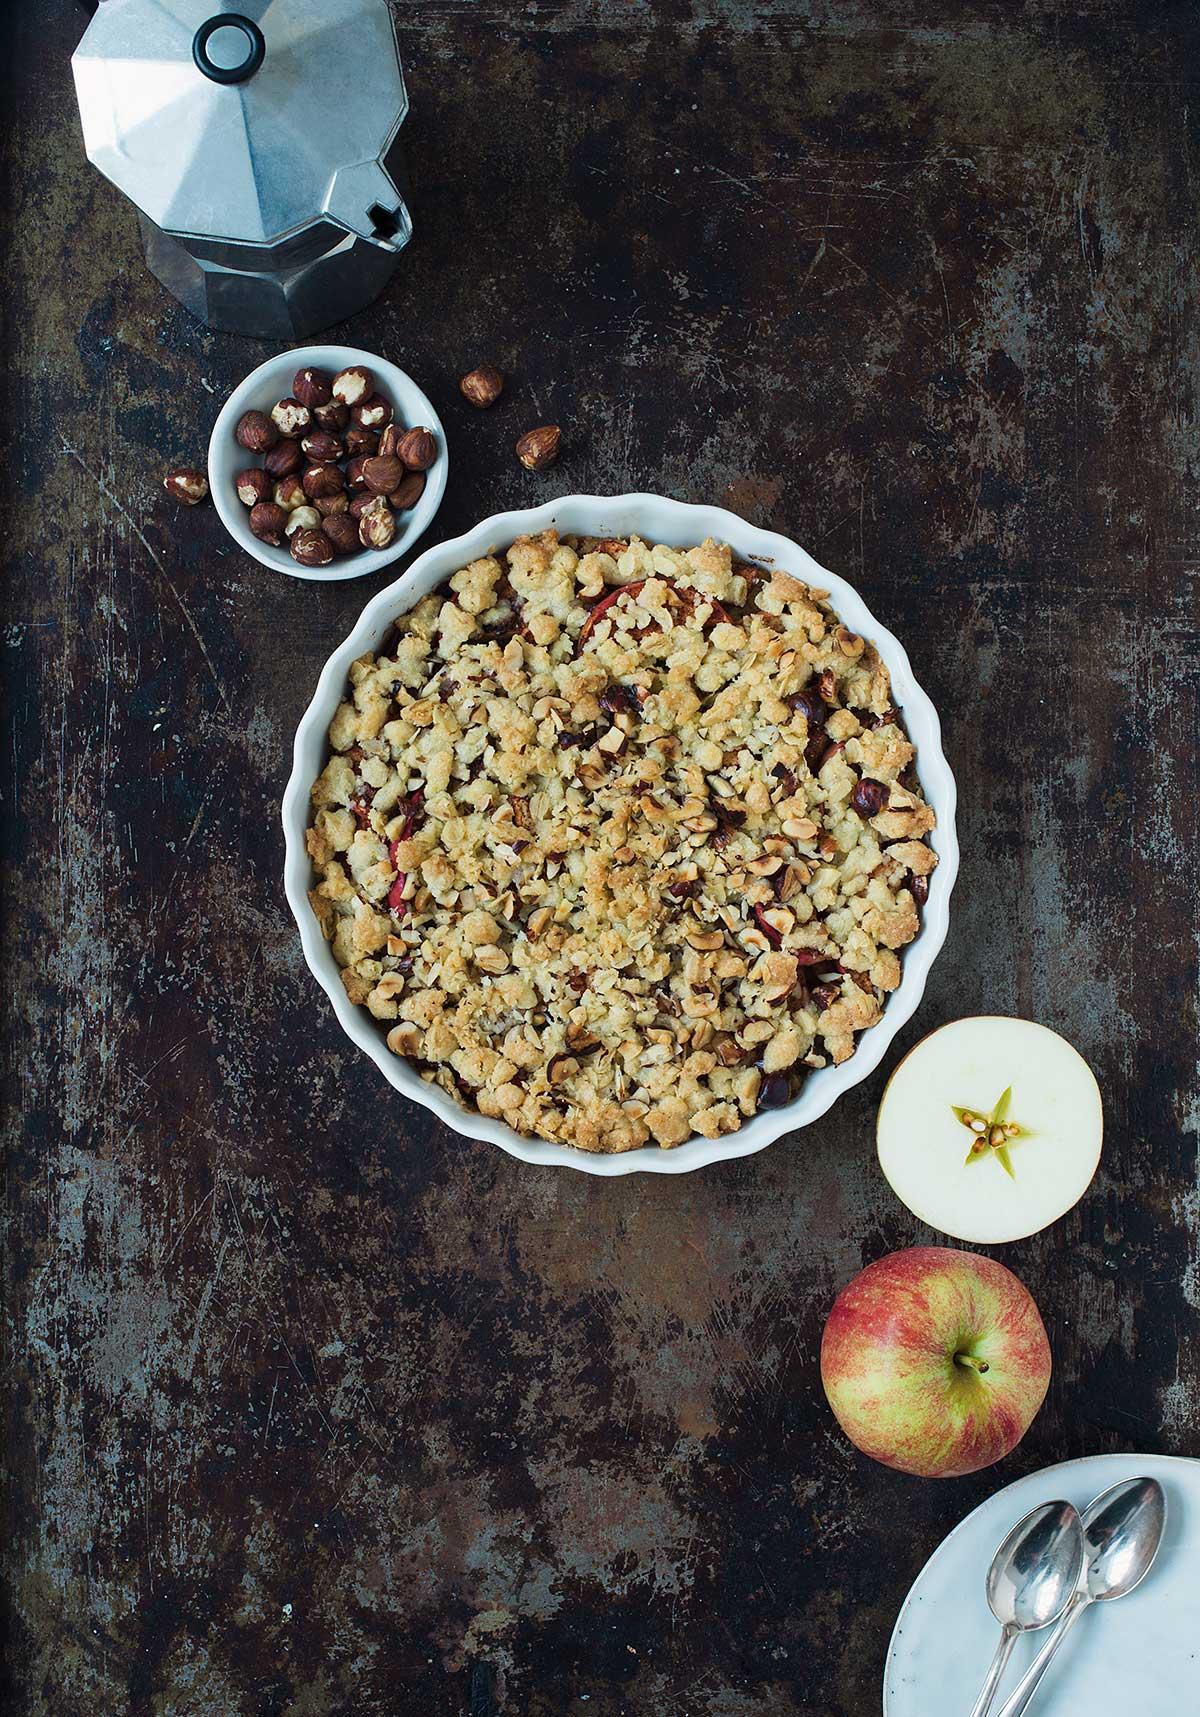 Recept: Smulpaj med äpple | Frk. Kräsen